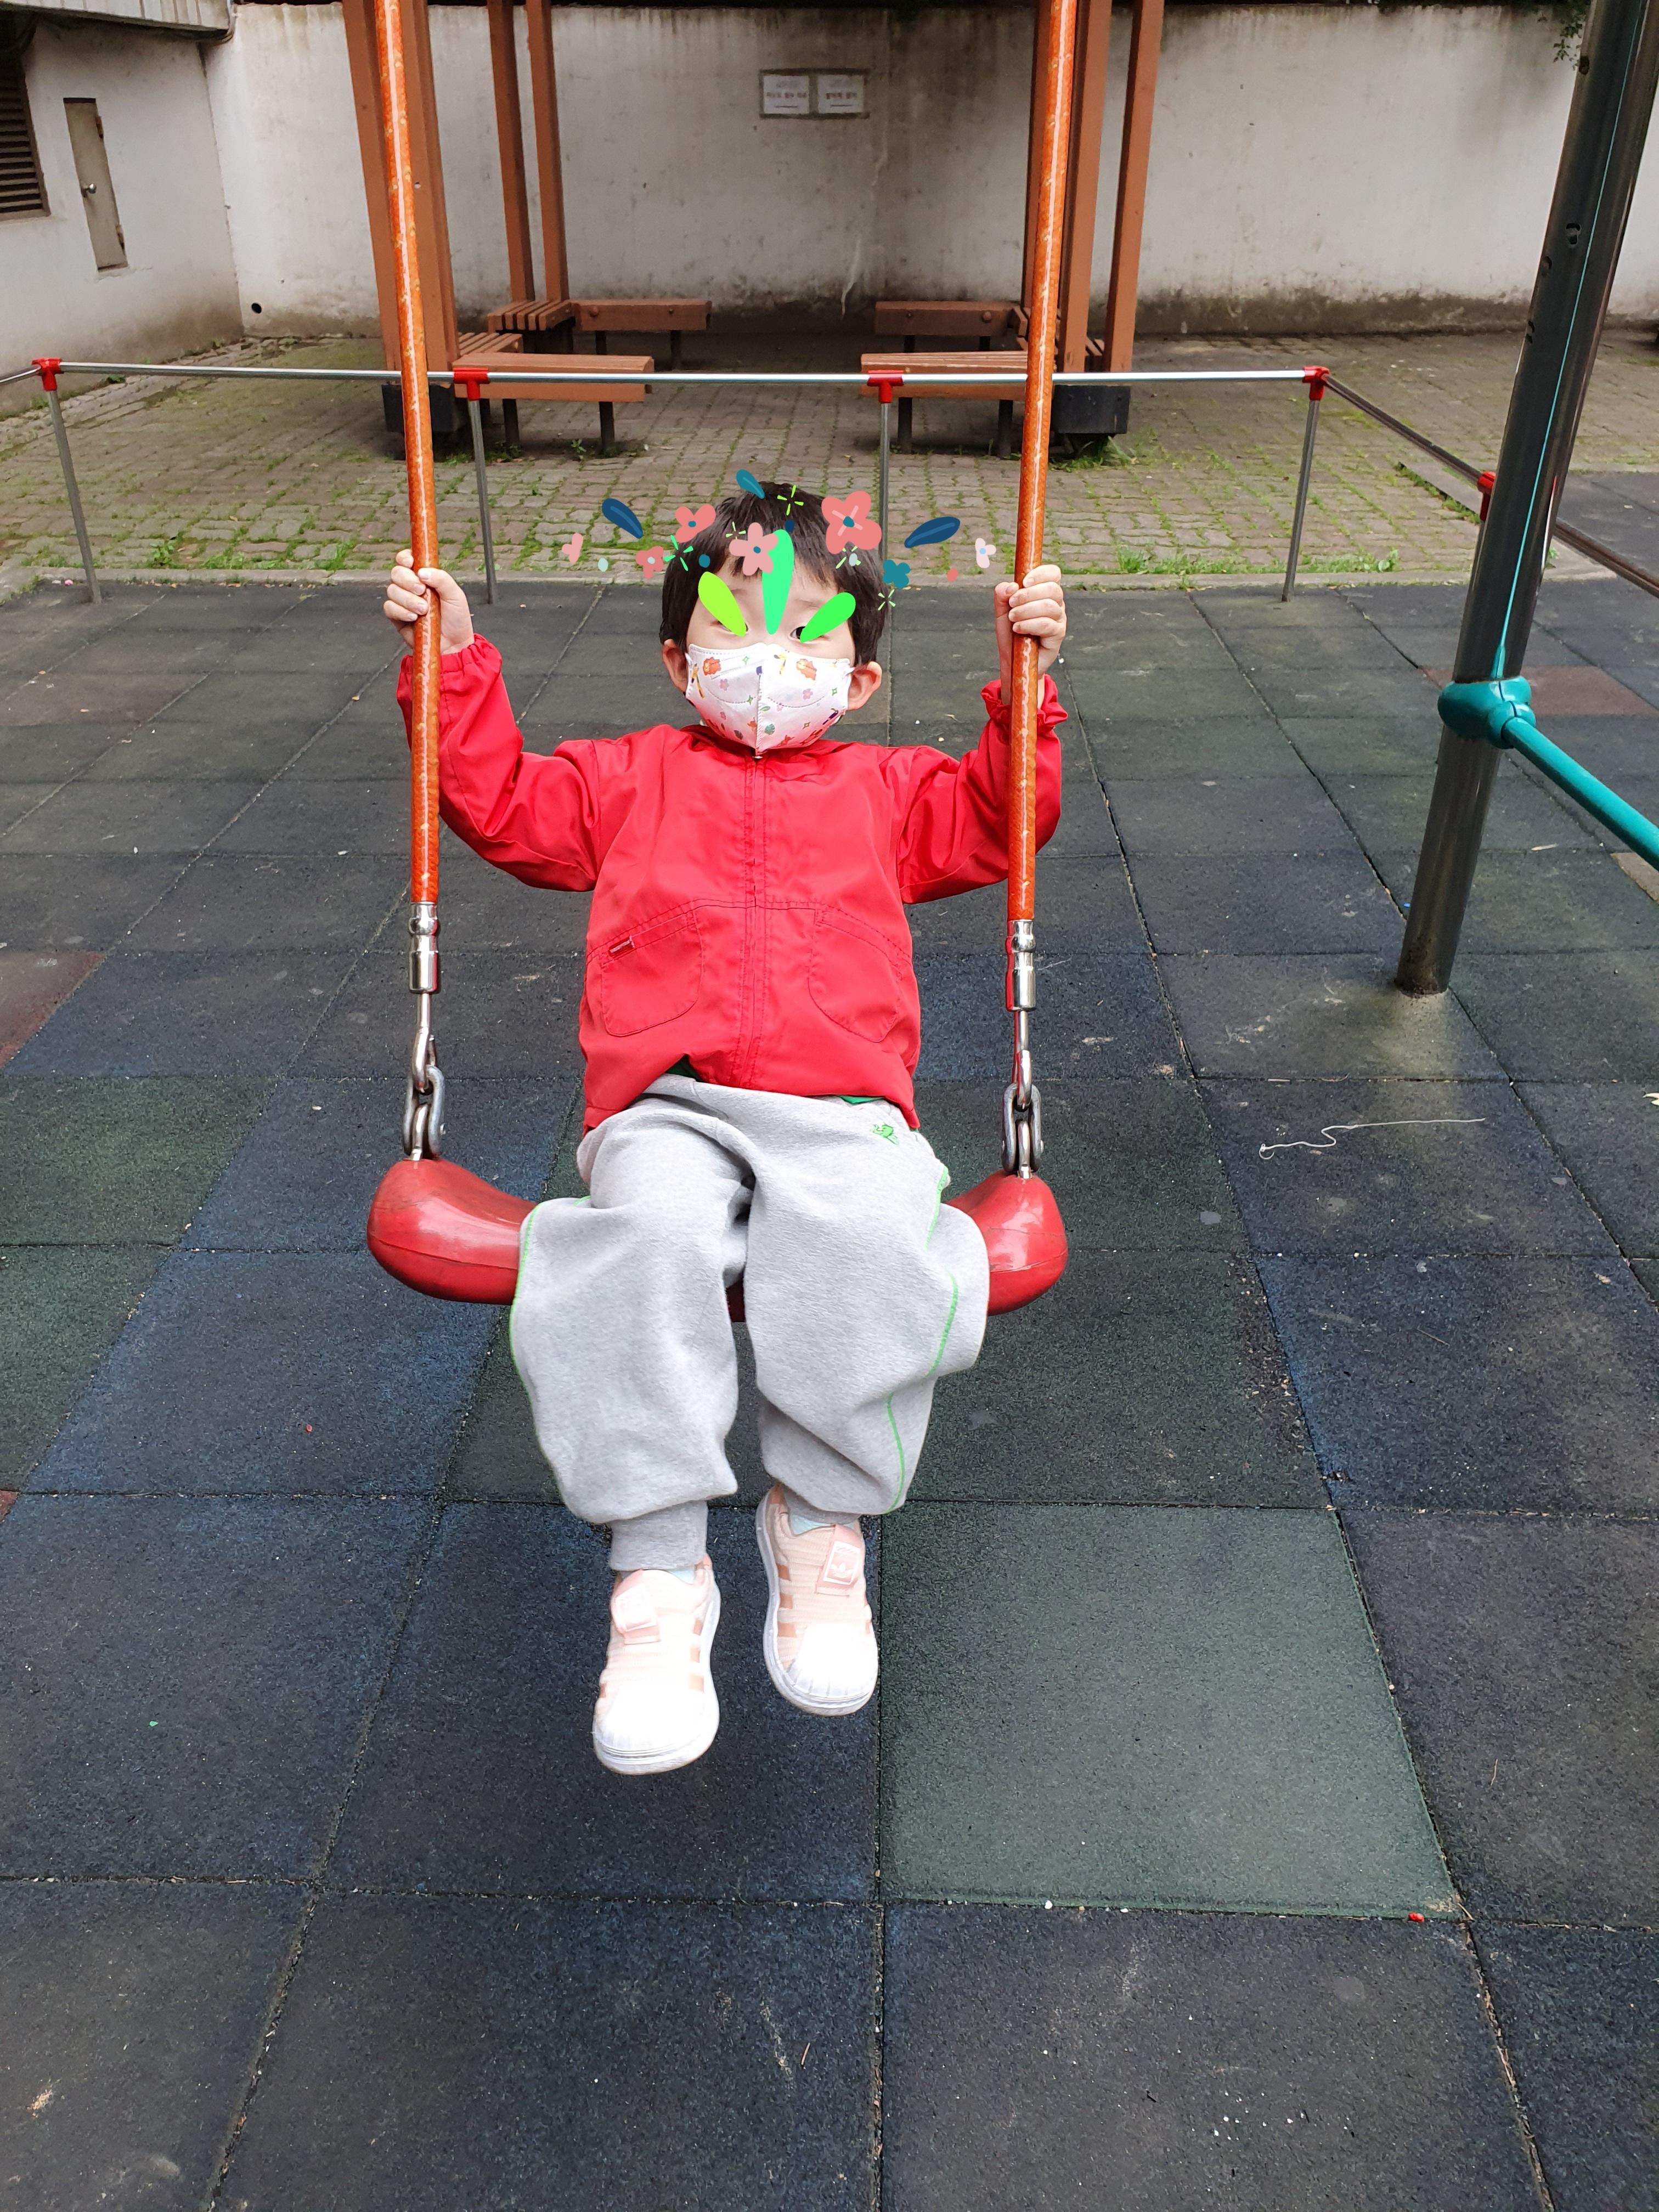 권브라더스 영유아마스크 후기(찰떡오리마스크와 핑키마스크 소형 착용)